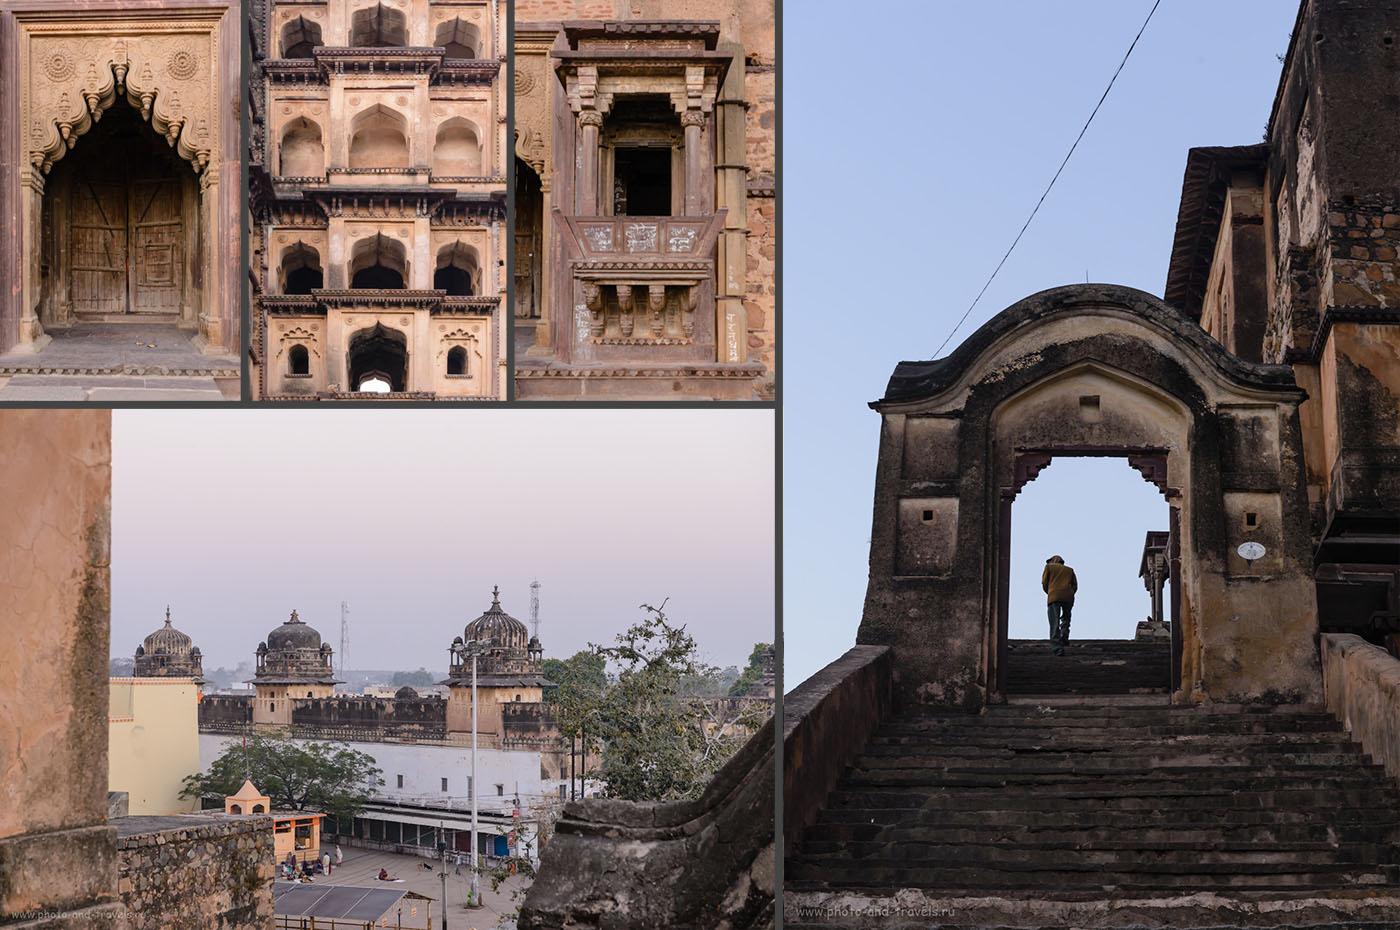 Фото 11. Храм Чатурбхудж Мандир. Отзыв о поездке в Орчху в феврале.